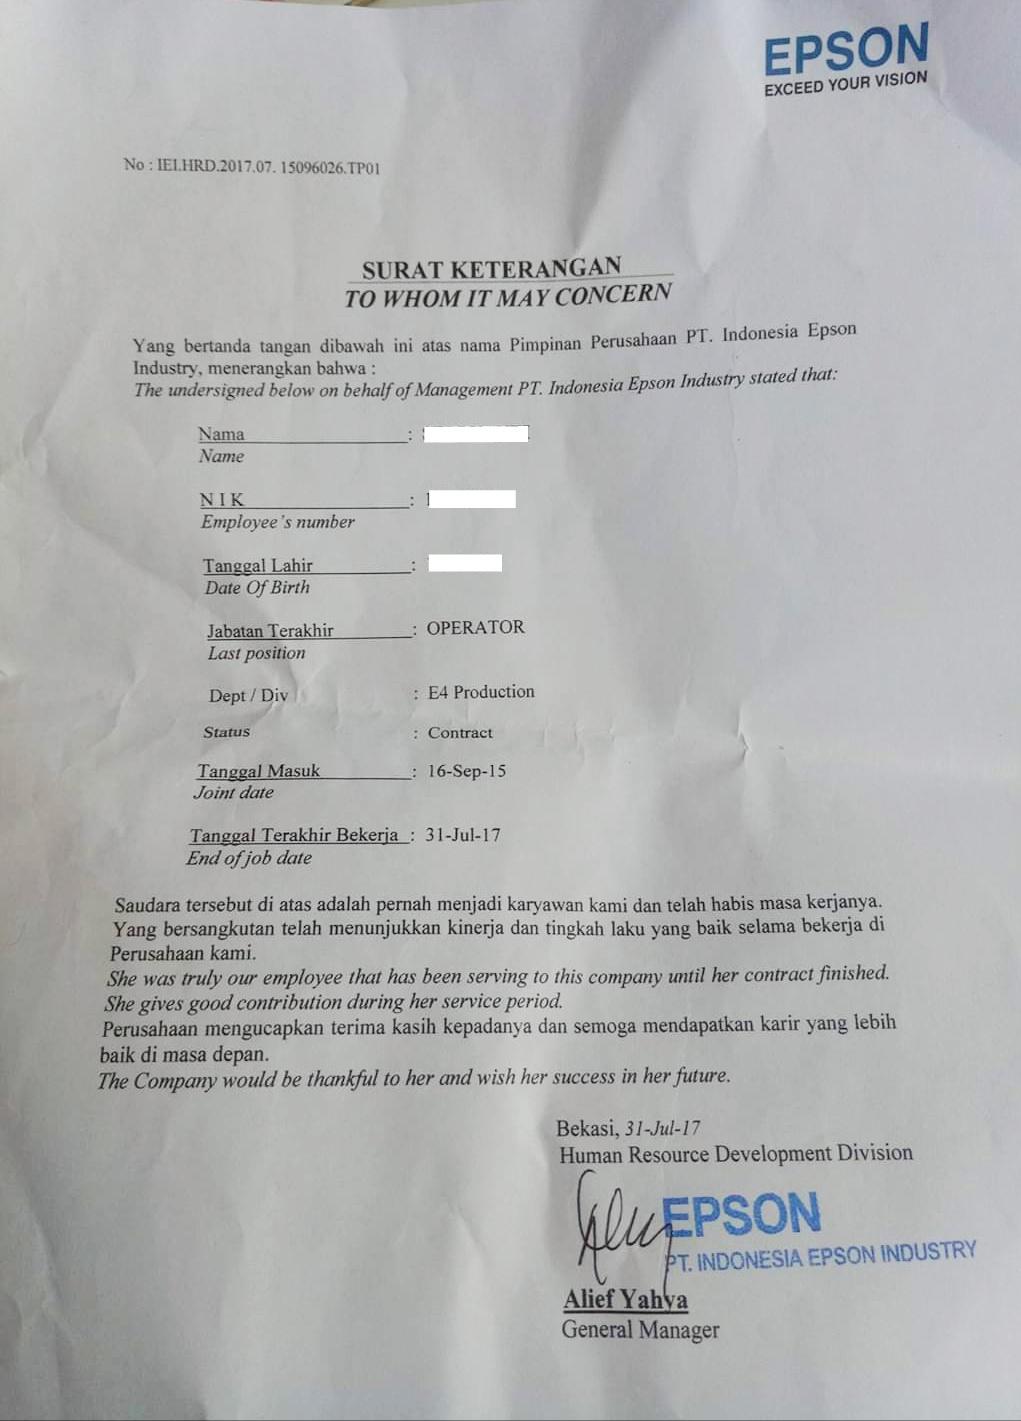 Contoh Surat Paklaring Pt Epson Pengalaman Kerja Sebagai Operator Lowongankerjacareer Com